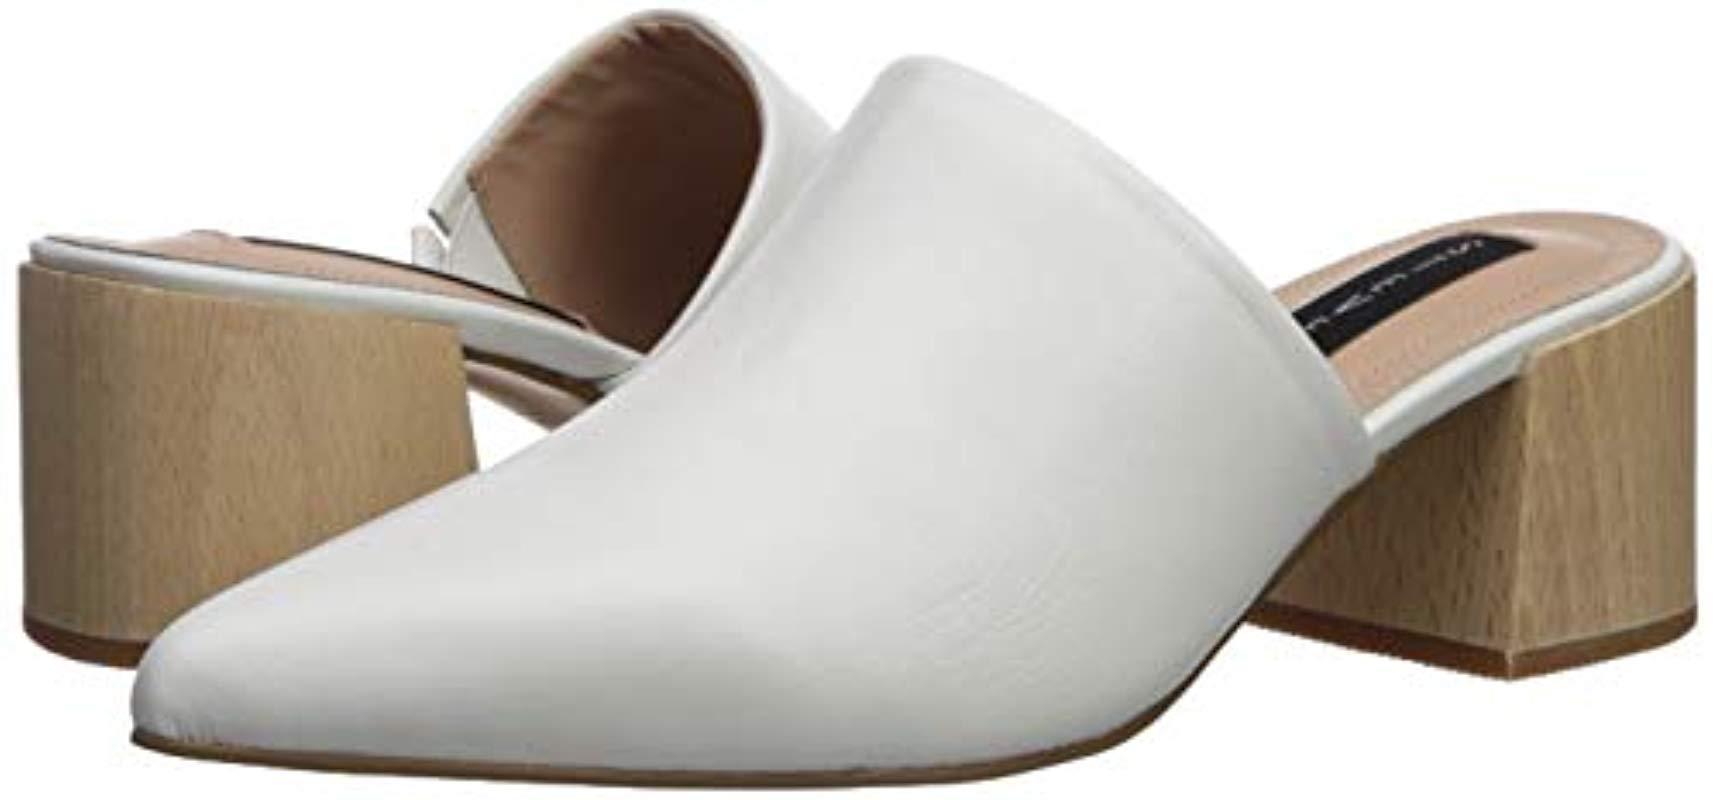 3a343d2c8c2 Women's White Florin Mule